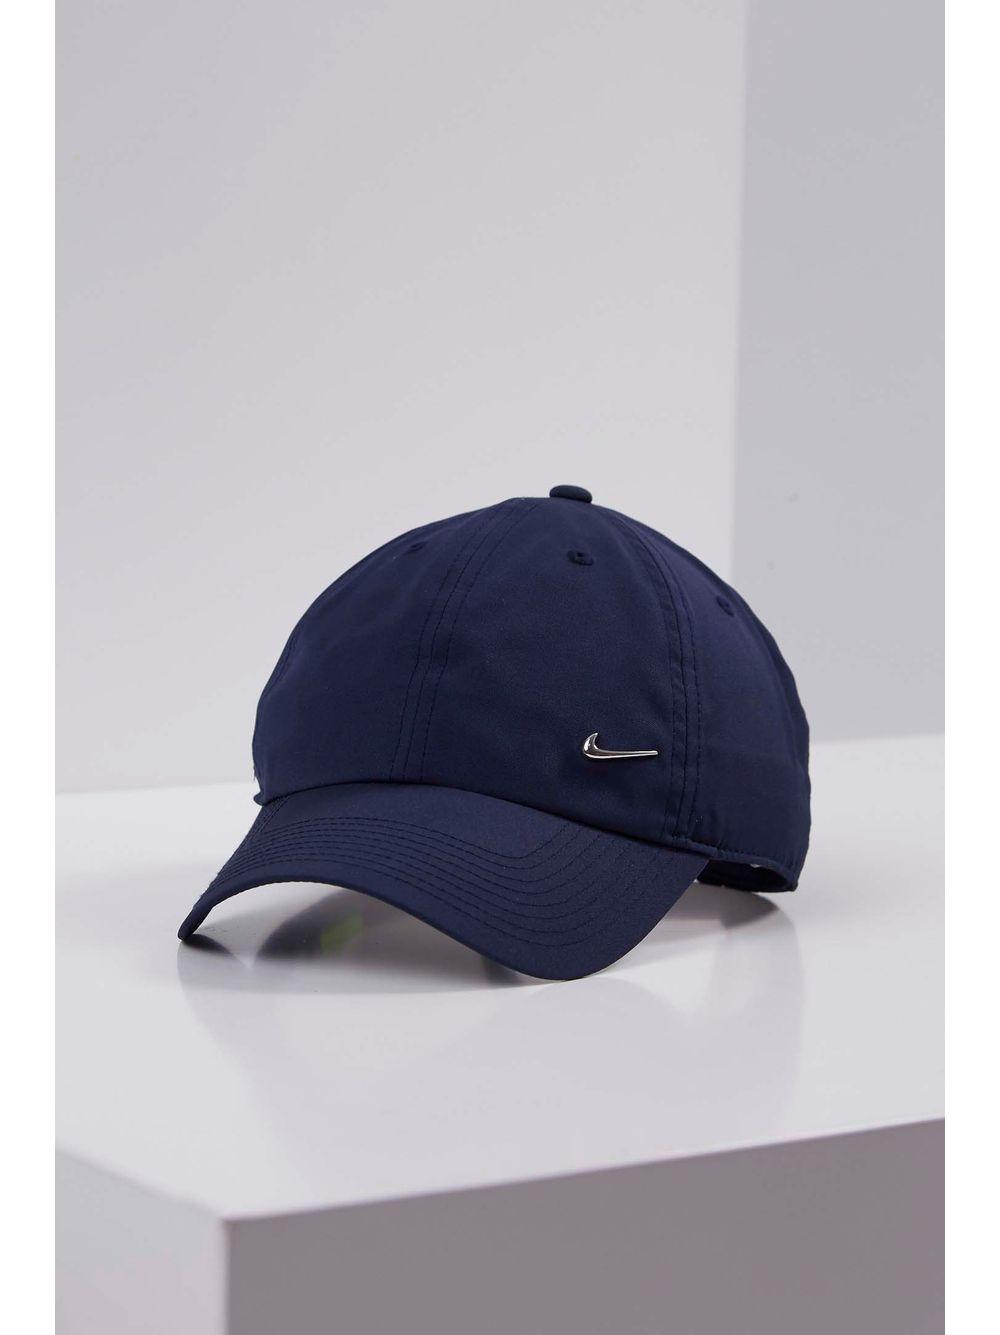 d1d9db9399 Bone Nike Sportswear Heritage 86 Marinho - pittol